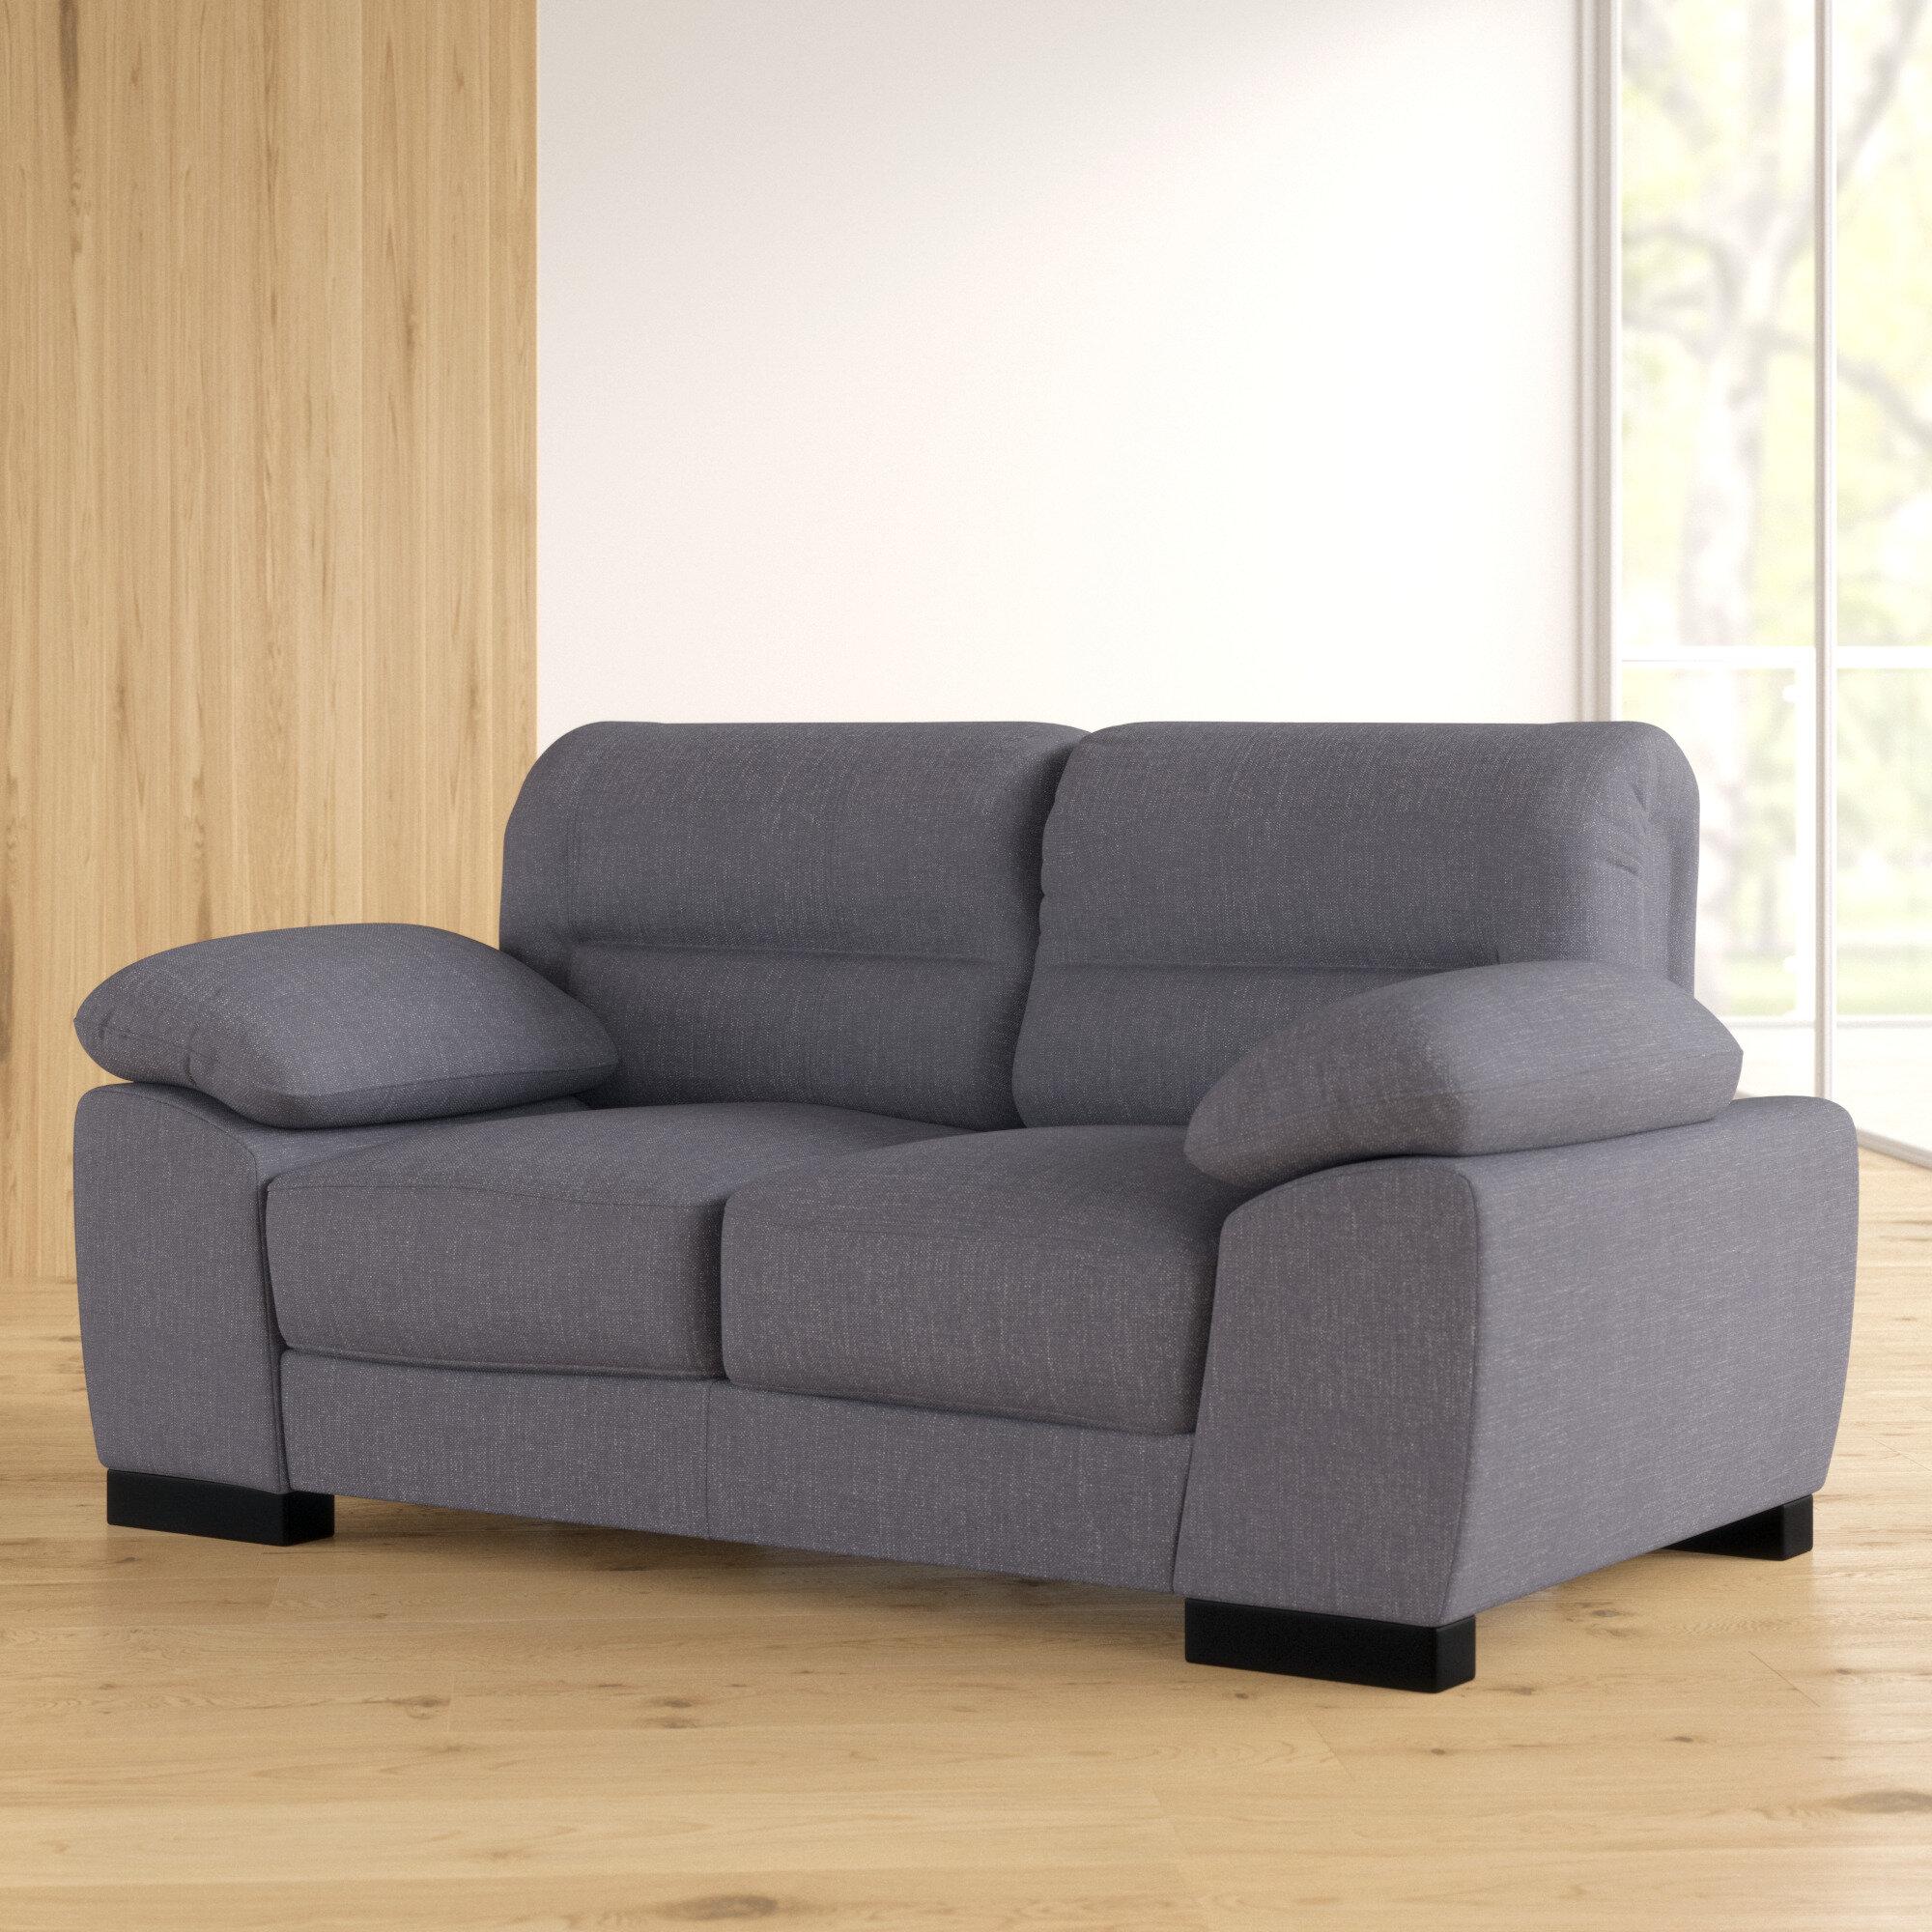 Zipcode Design Lauren 2 Seater Sofa